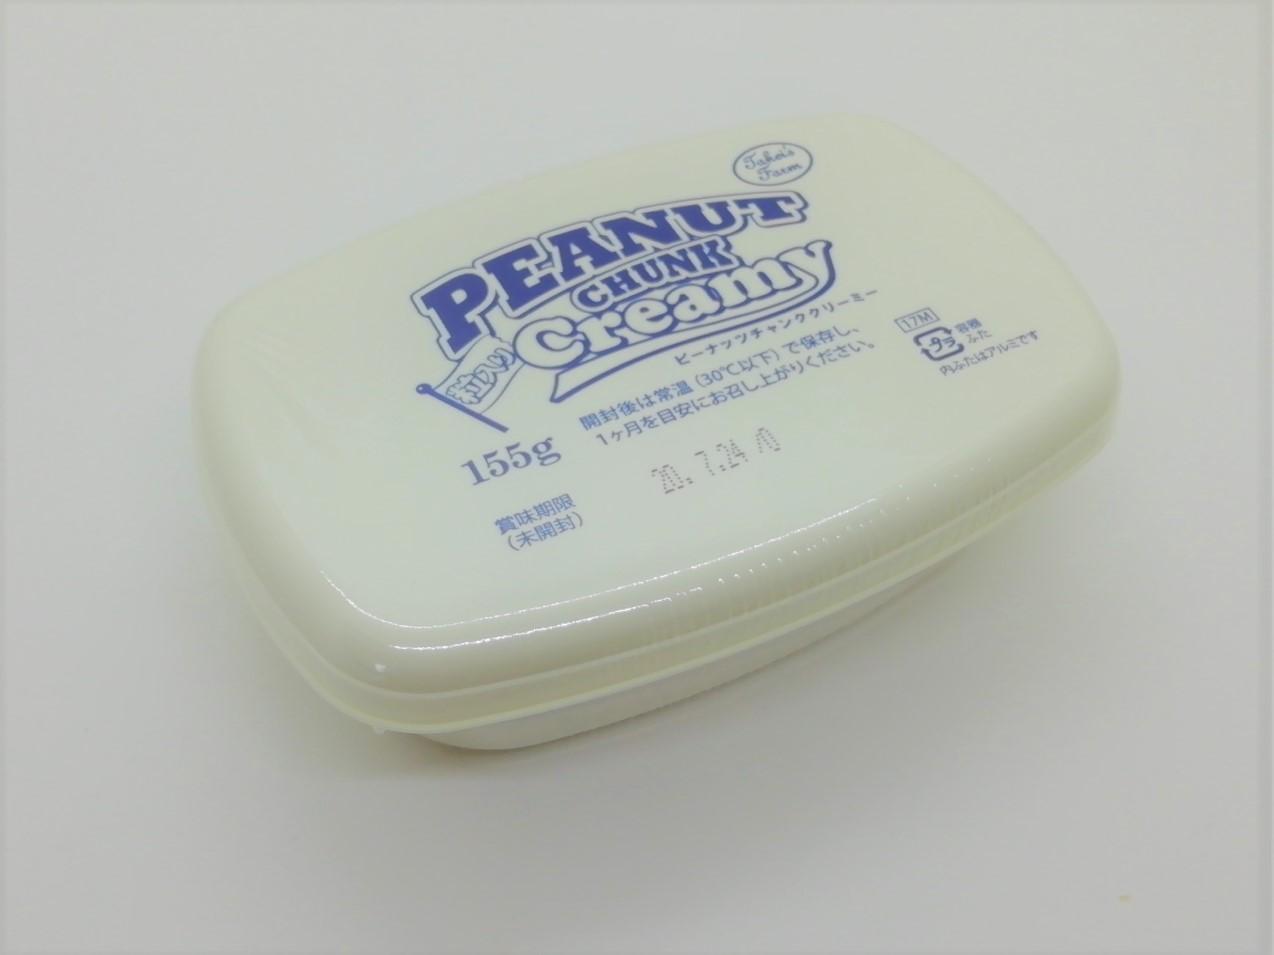 ロピアピーナッツチャンククリーミー